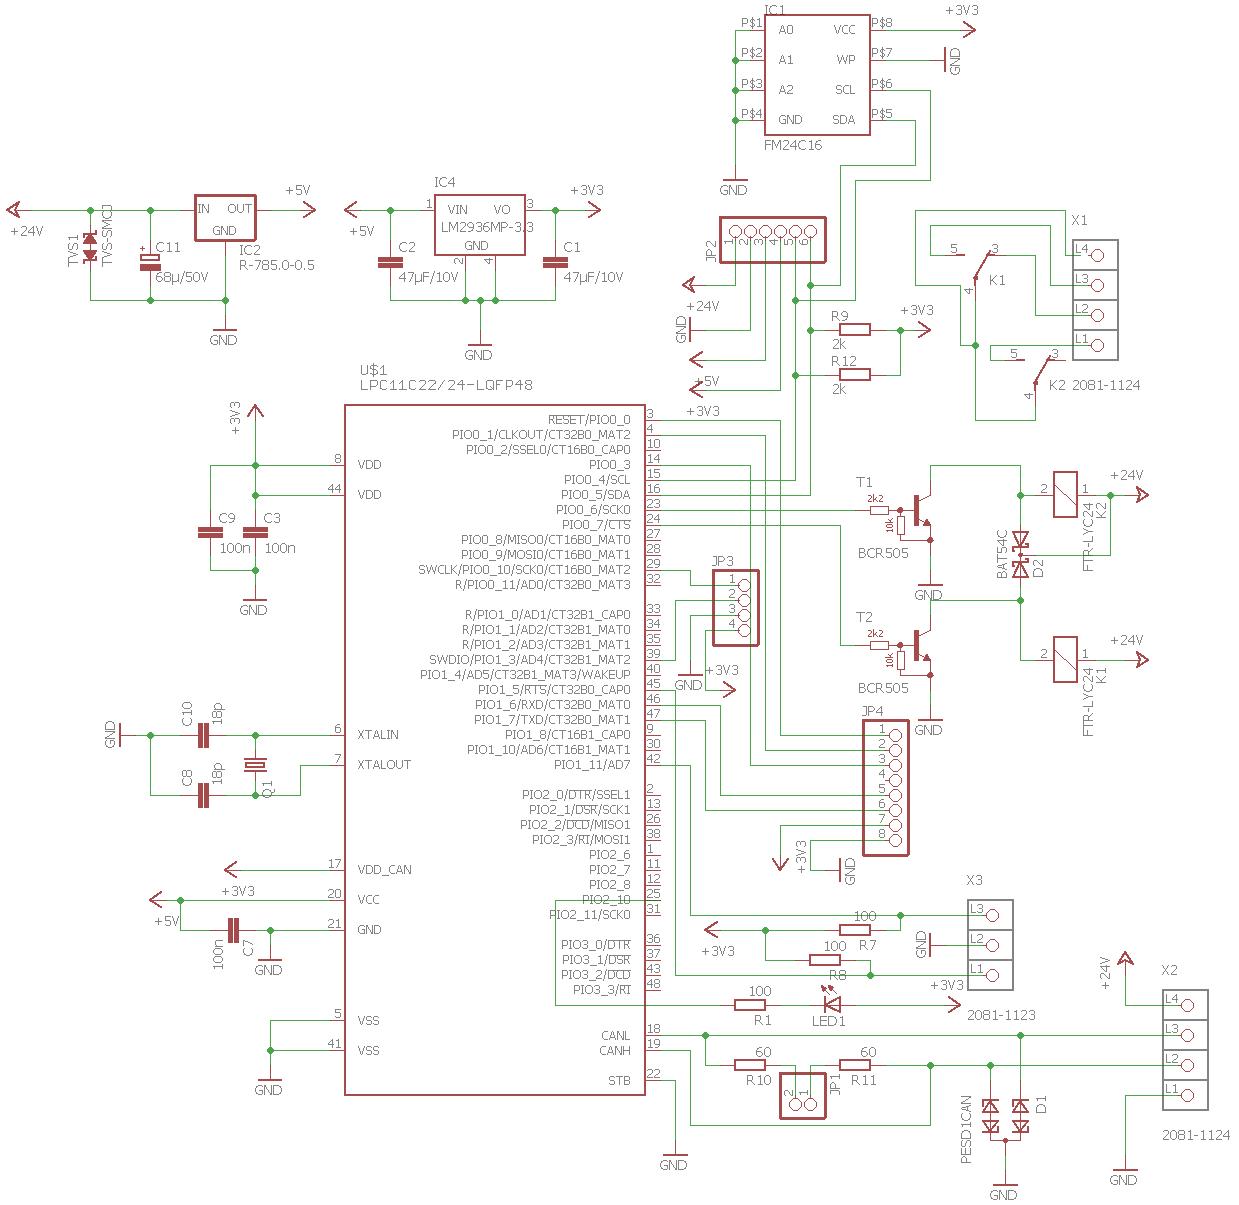 CAN UP - Aktor (LPC11Cxx) - Mikrocontroller.net